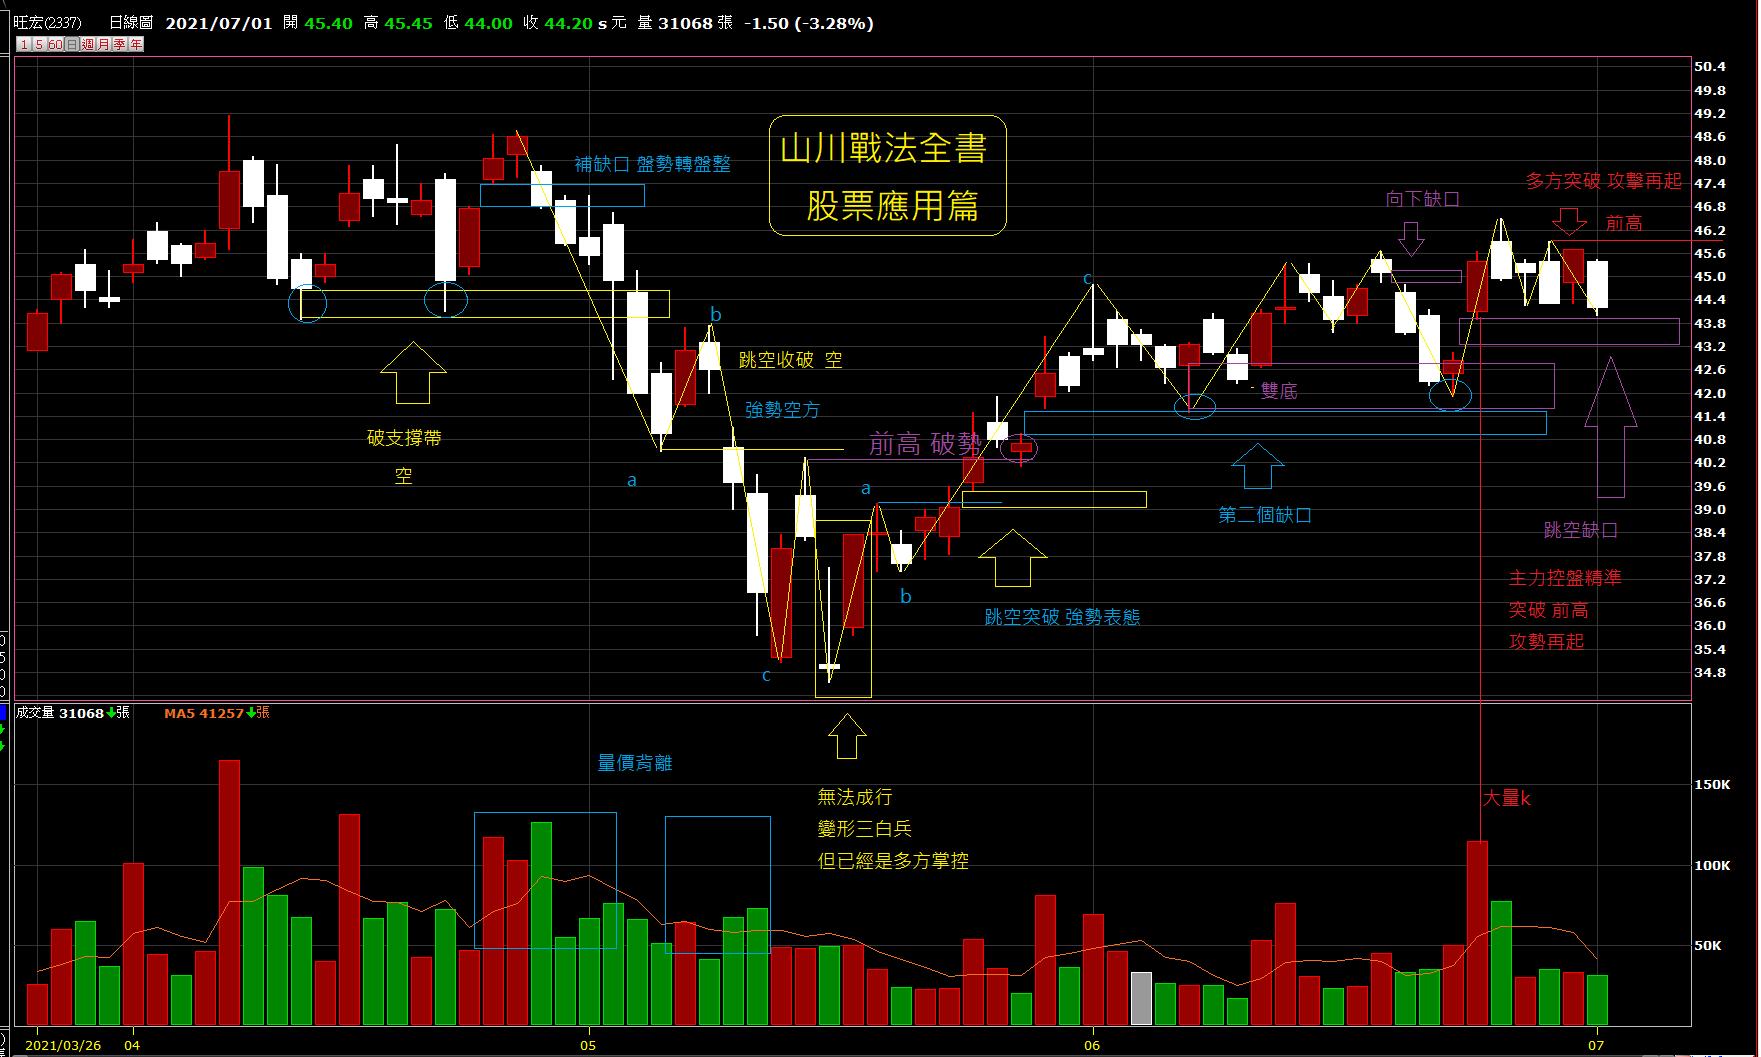 07/01日~~~山川戰法全書~~~第二版股票籌碼規劃解析!!!